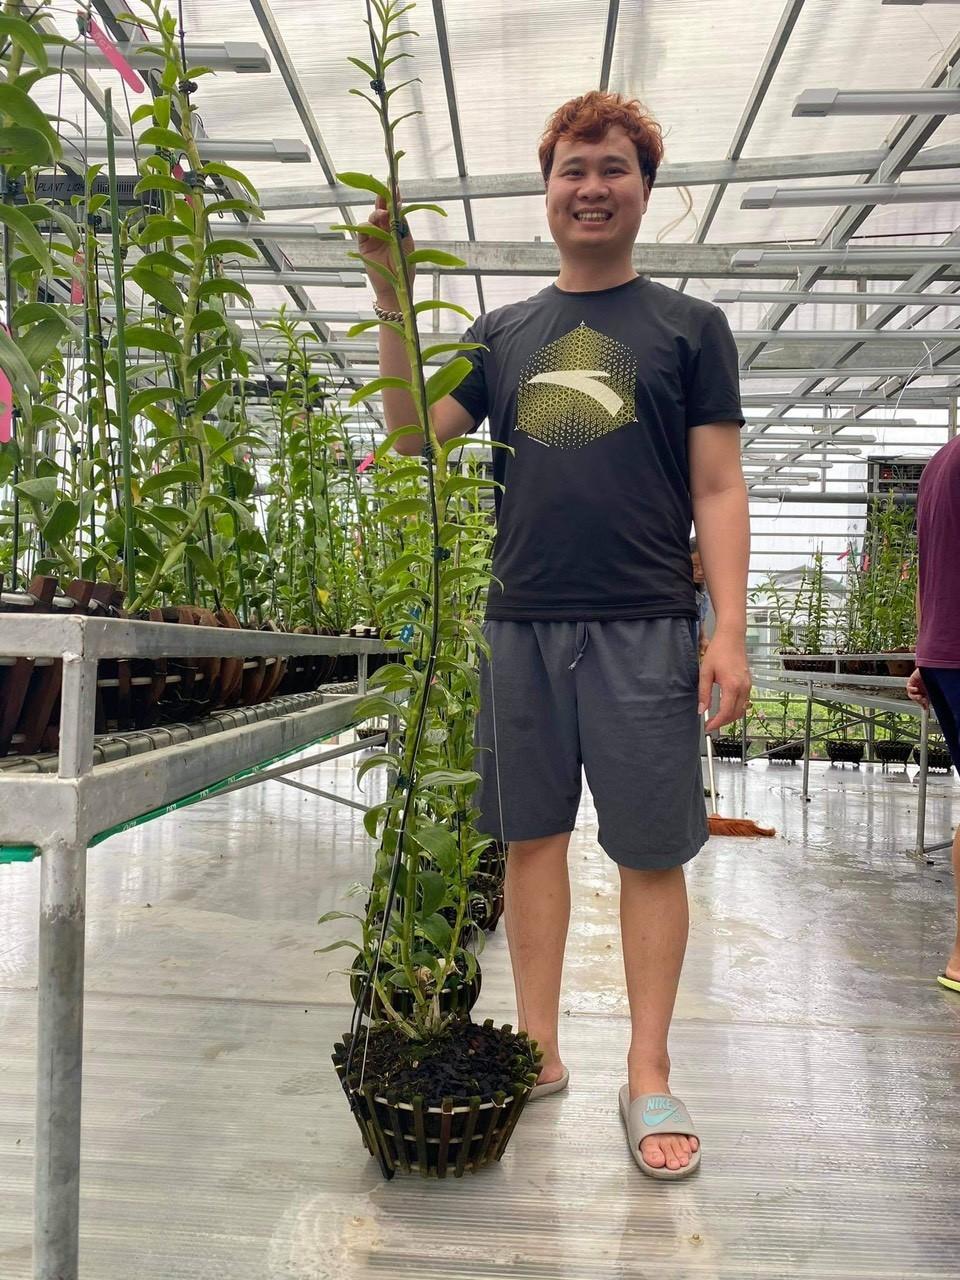 thời gian đầu vì chưa có kinh nghiệm trồng lan nên Trần Vinh cũng gặp phải nhiều khó khăn và thất bại.